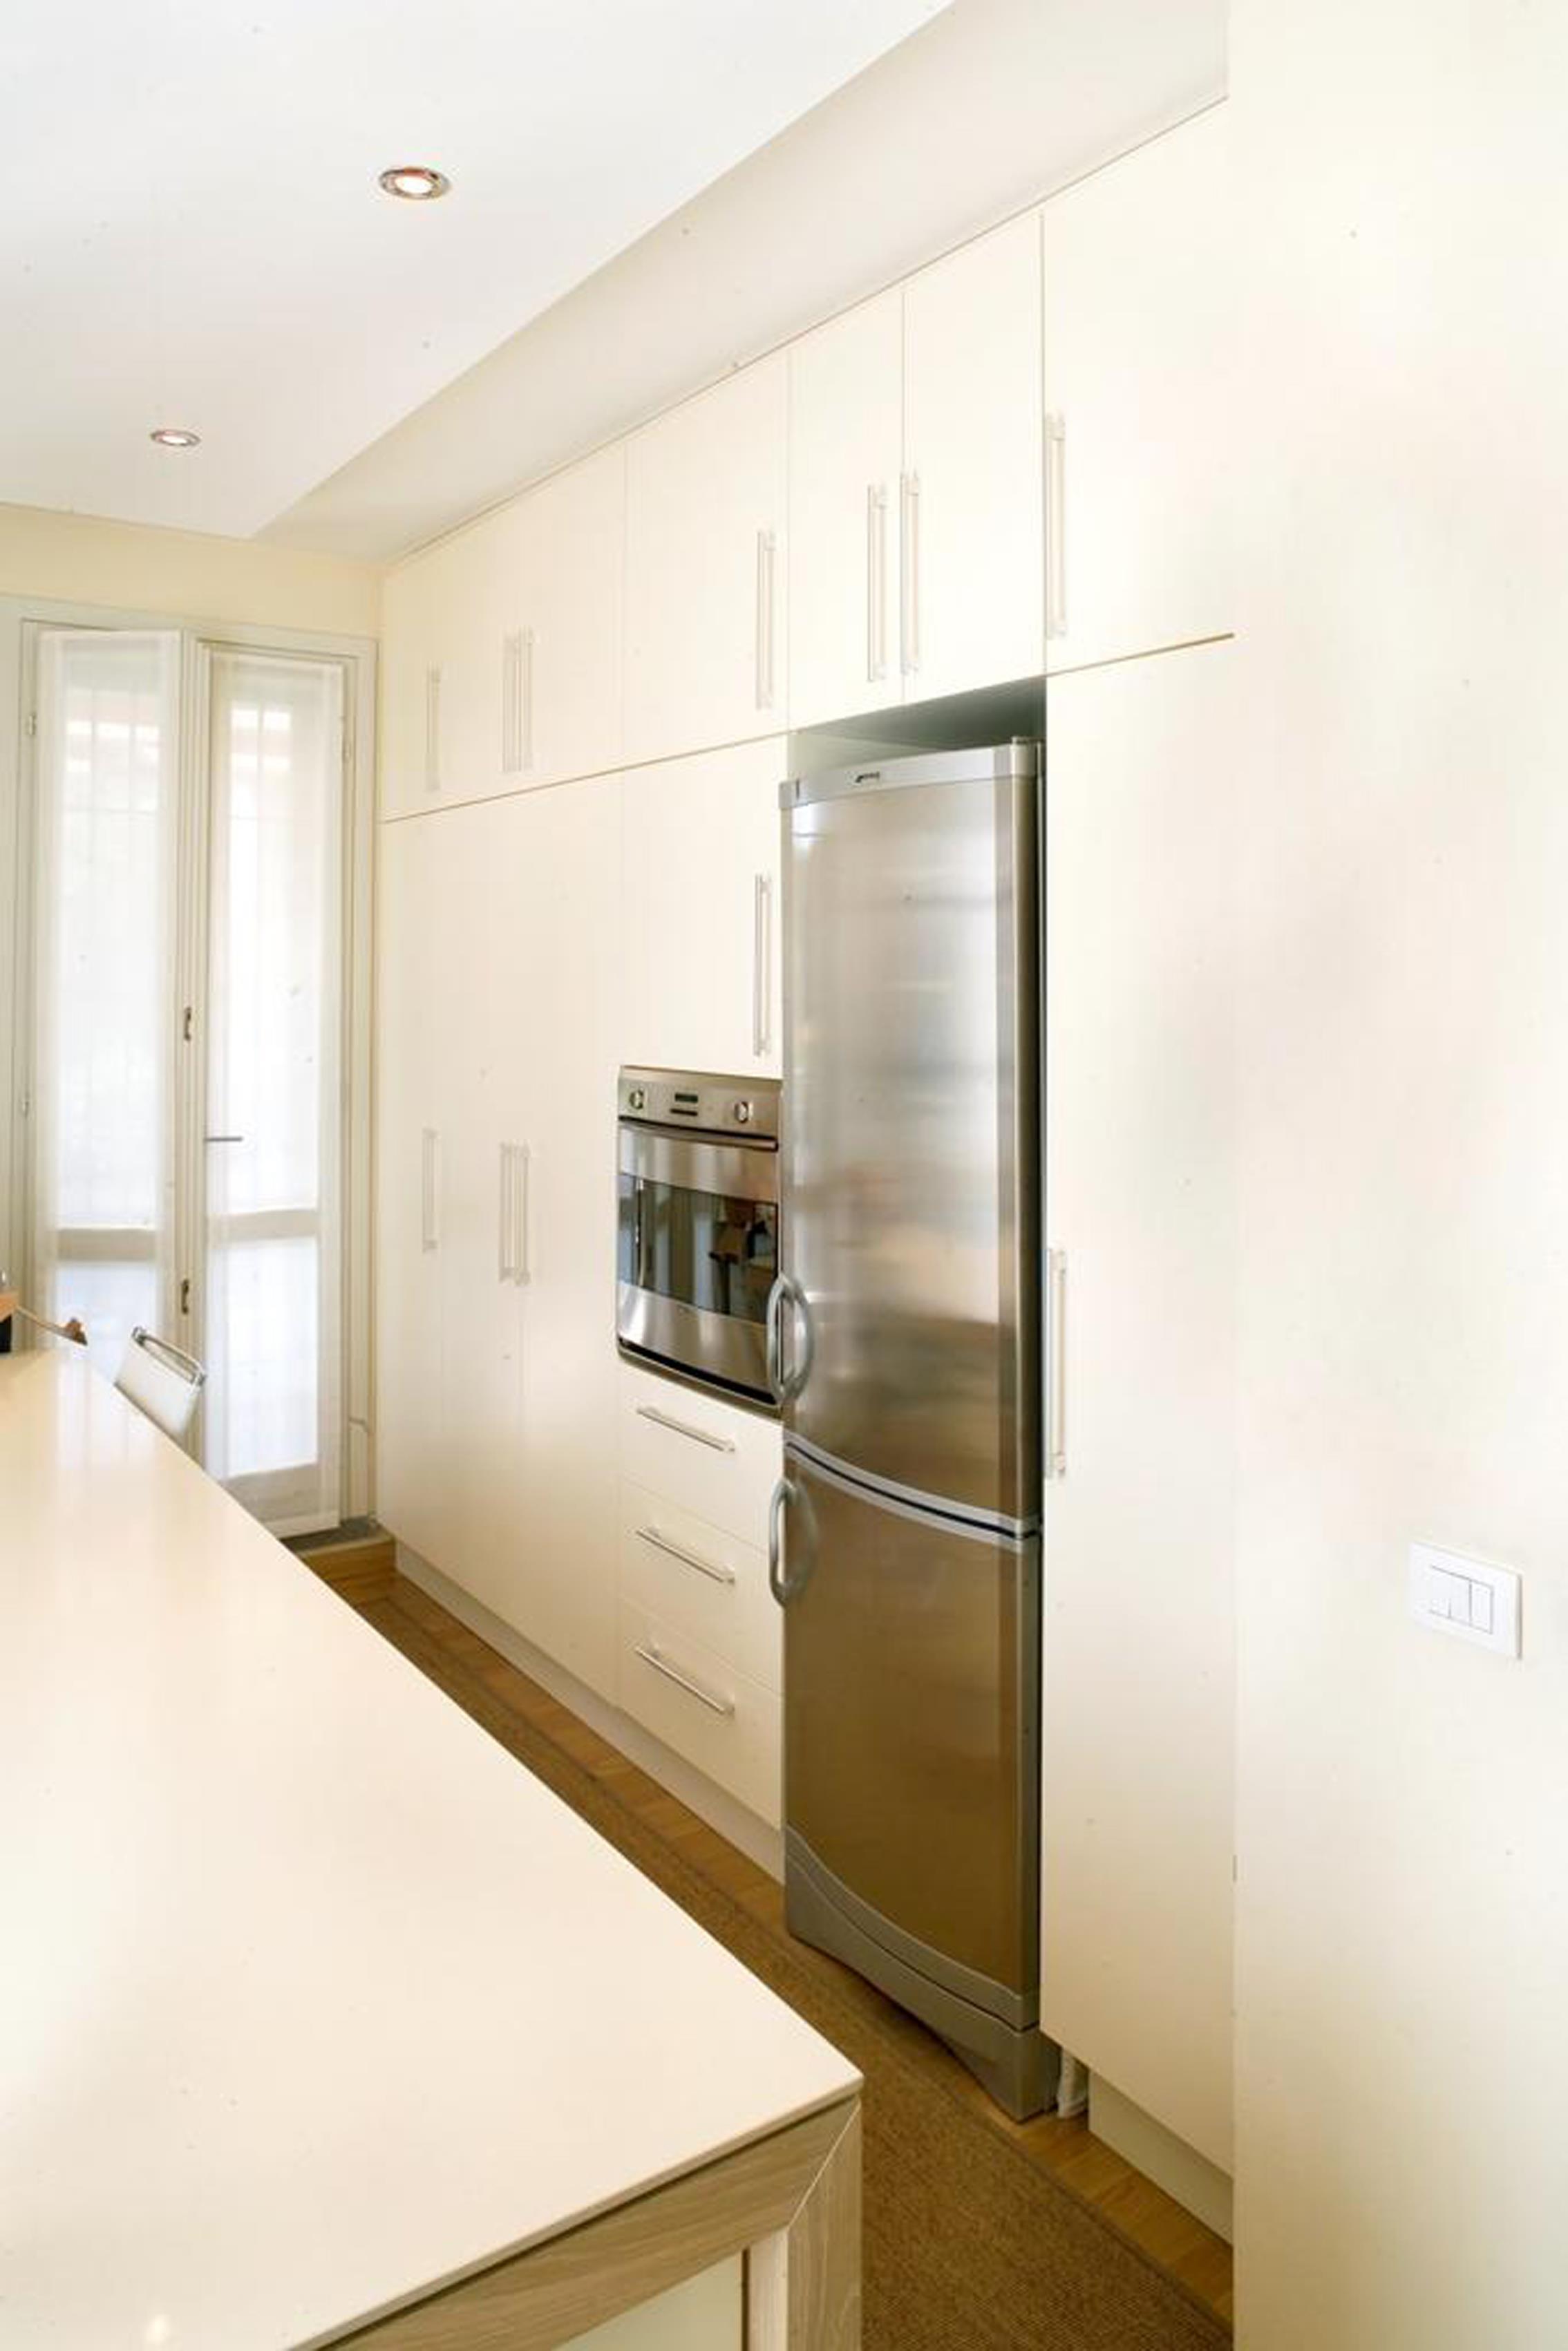 52 Cucina Stile Classico Con Basi Pensili E Colenne Laccate Piano Top  #664816 2269 3402 Top Cucina Corian O Quarzo